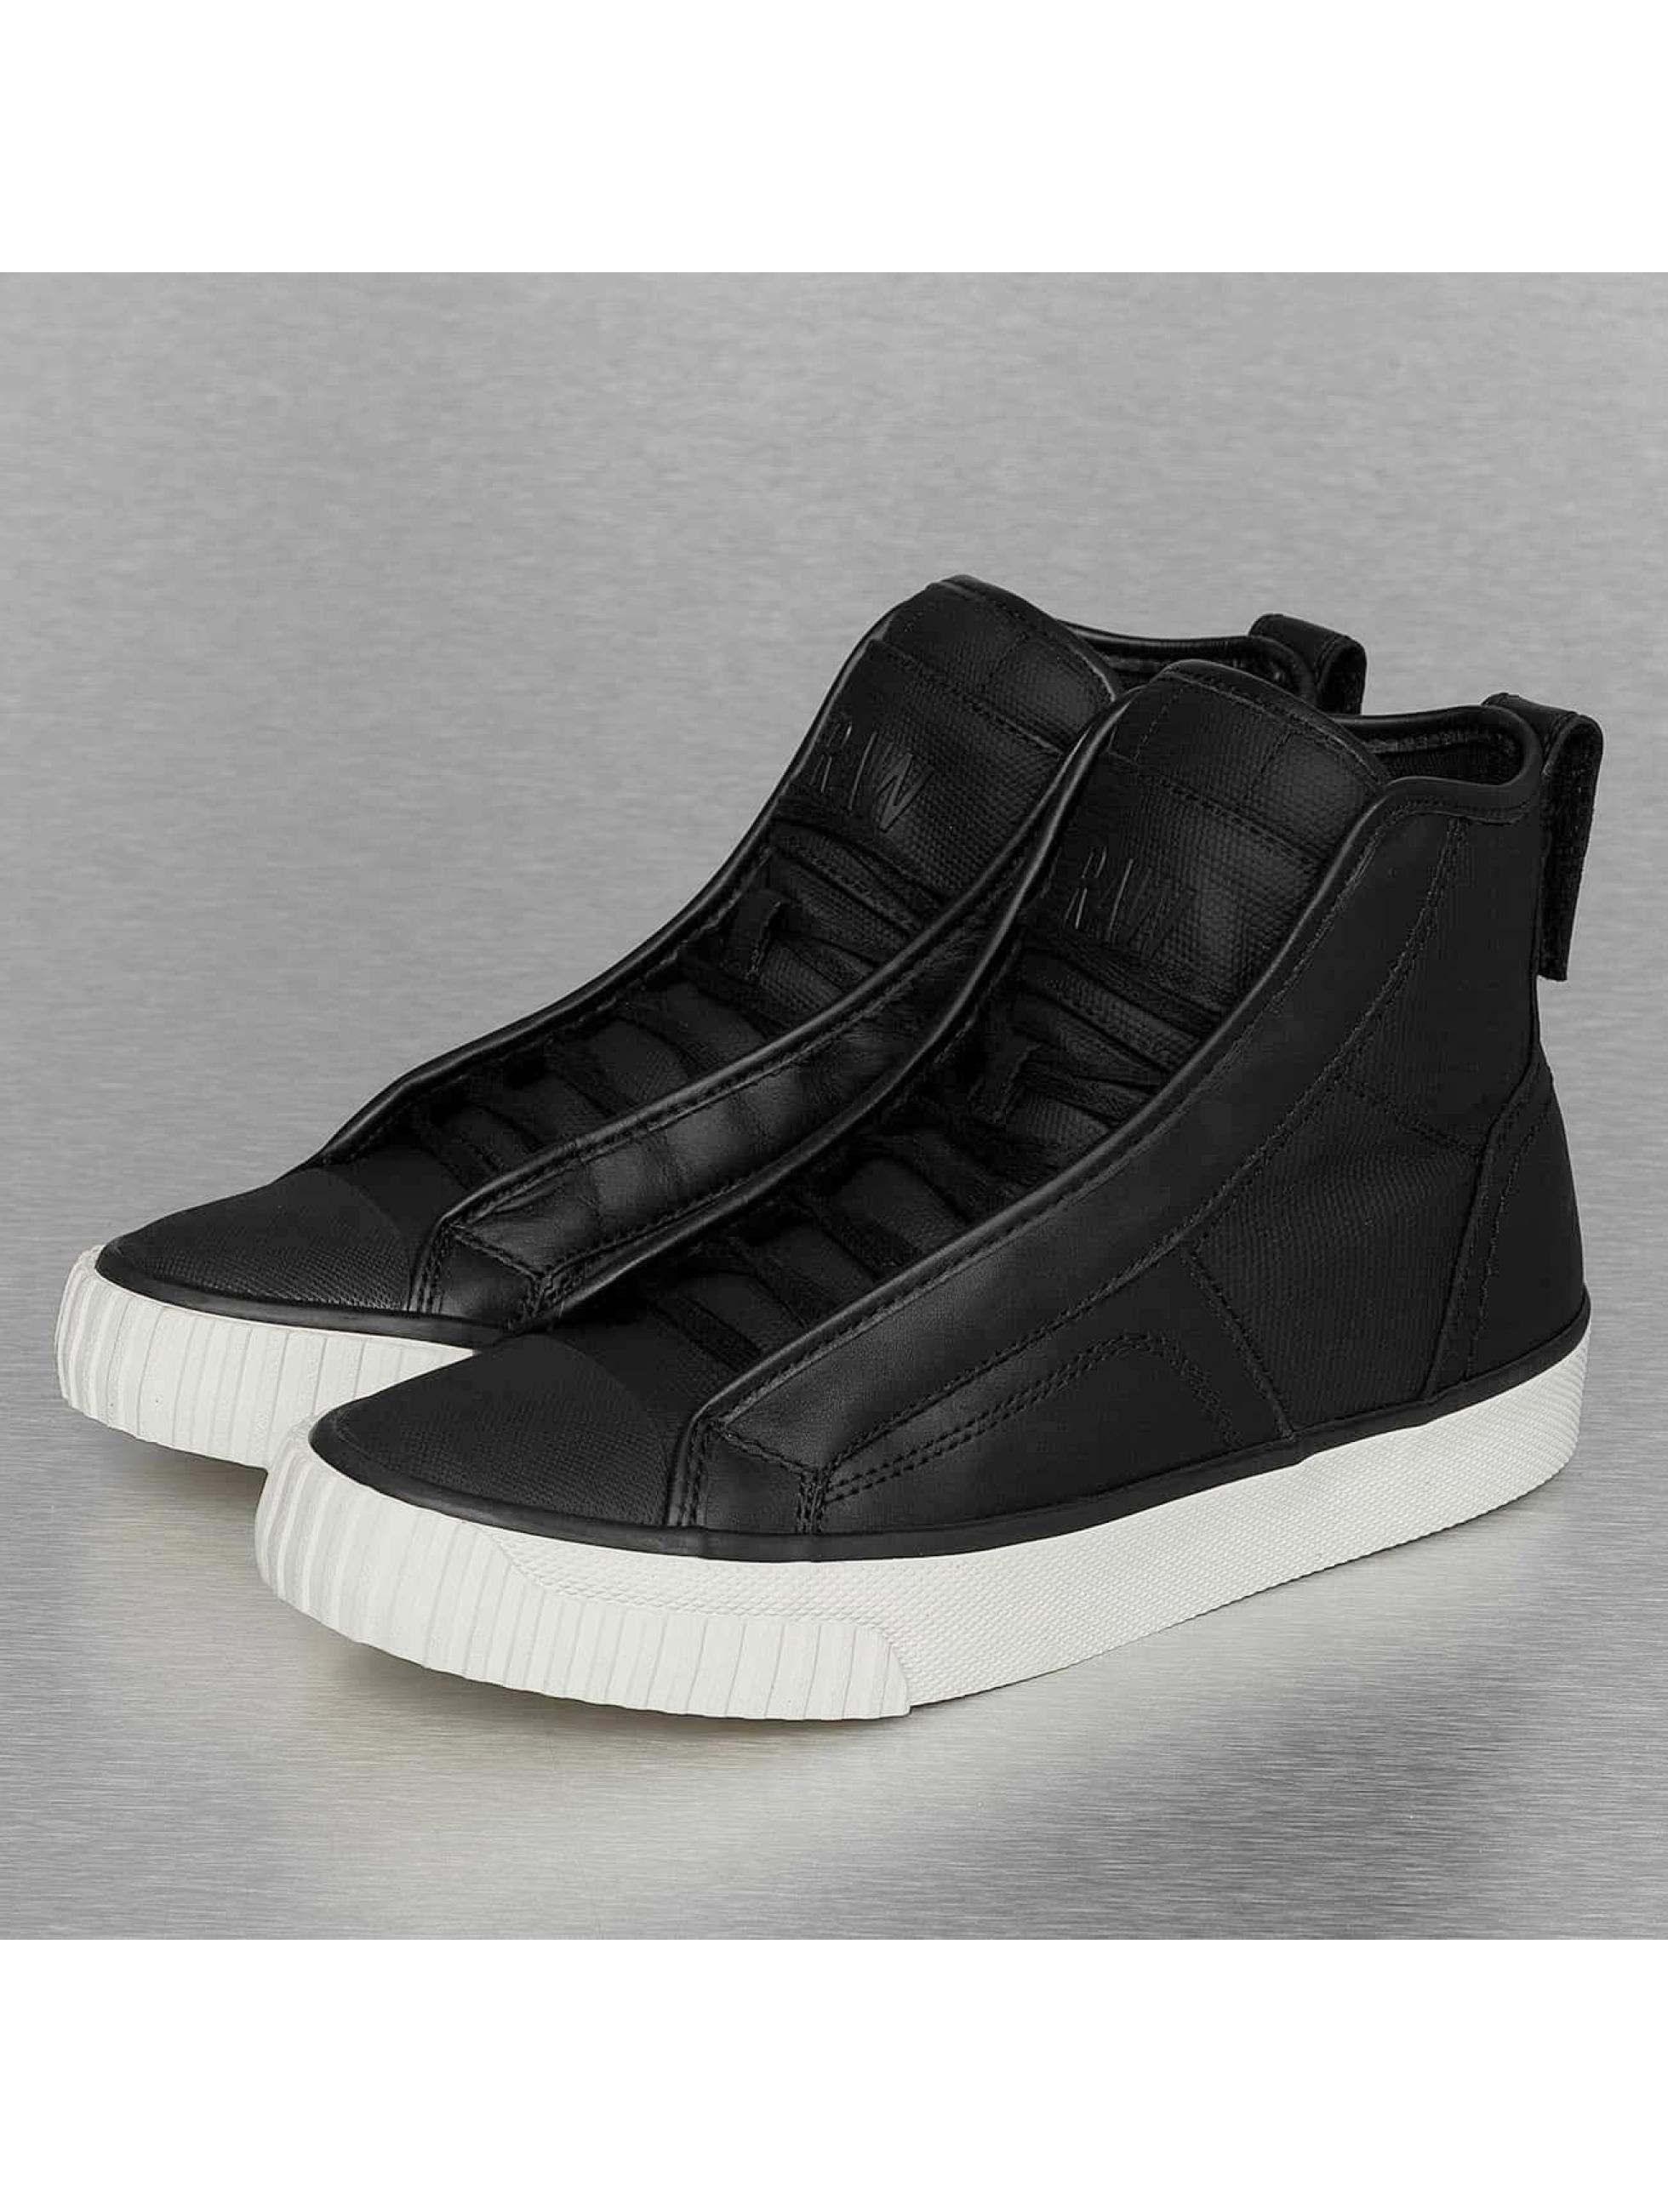 G-Star Footwear Sneaker Scuba Neoprene schwarz